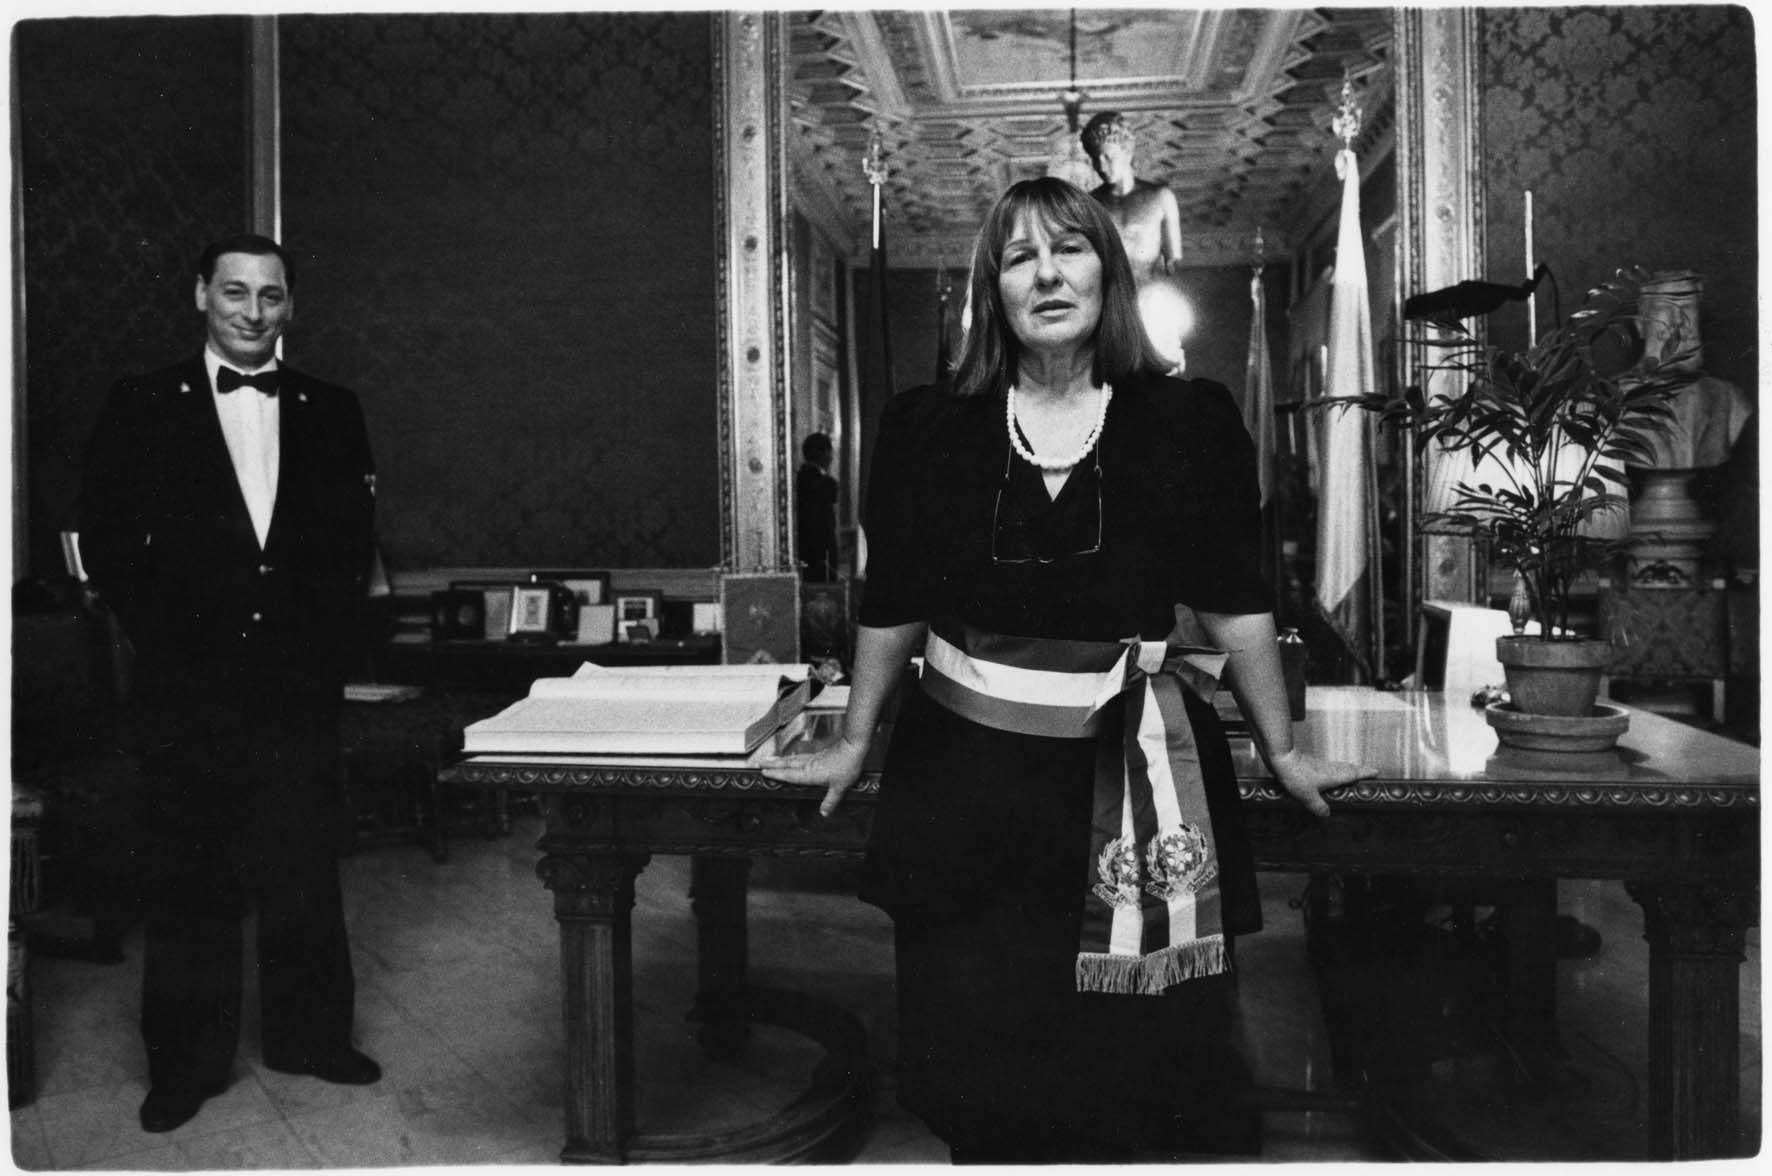 Letizia Battaglia, assessora al Comune di Palermo.